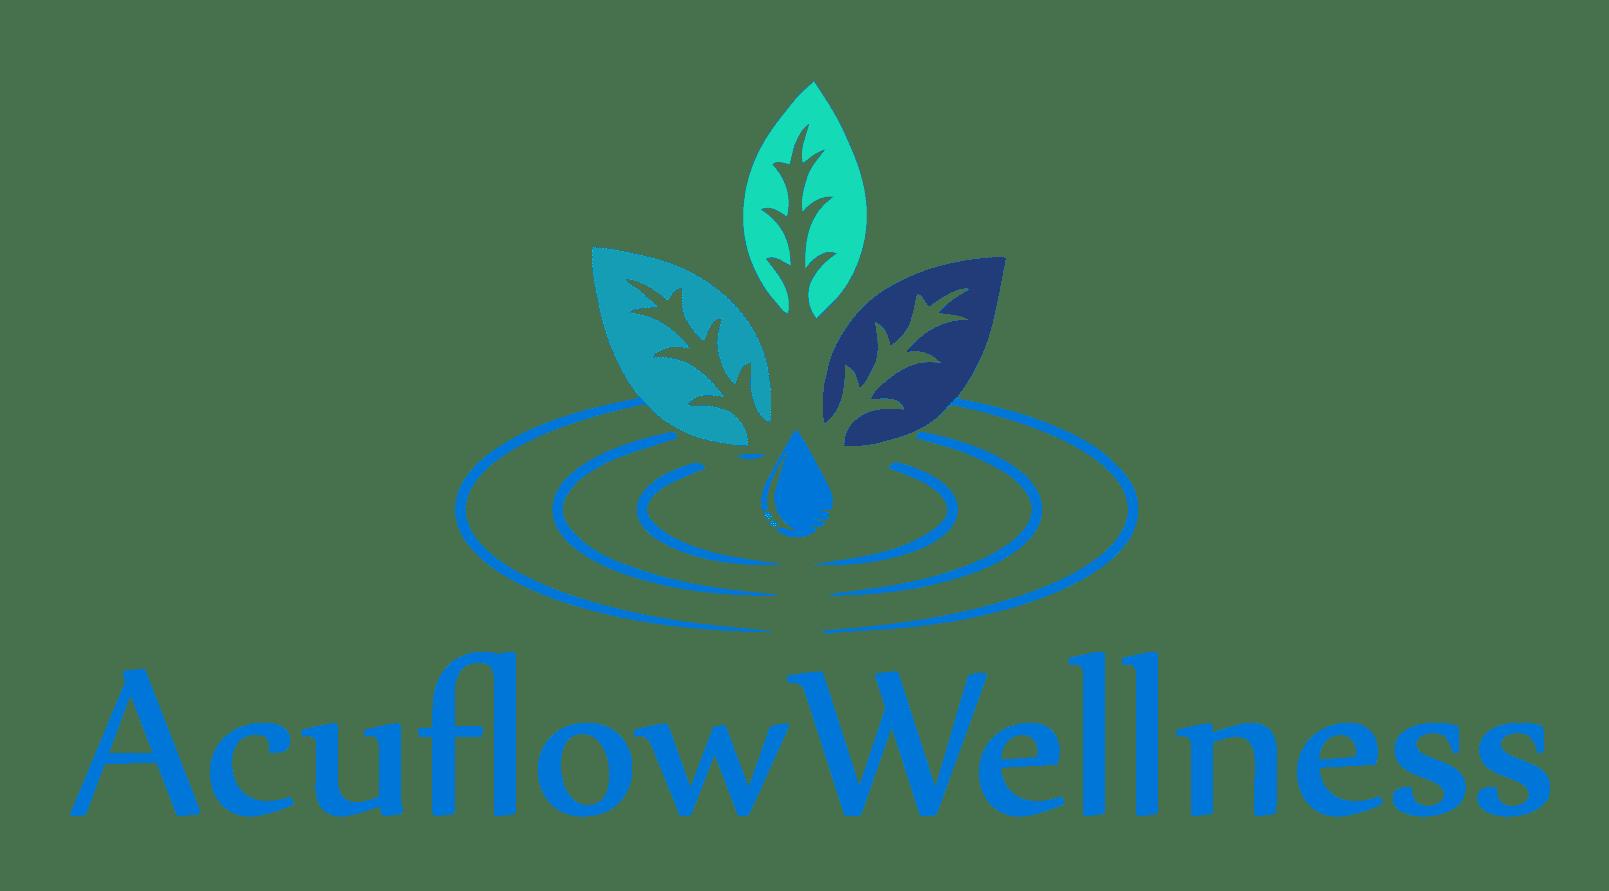 Acuflow Wellness